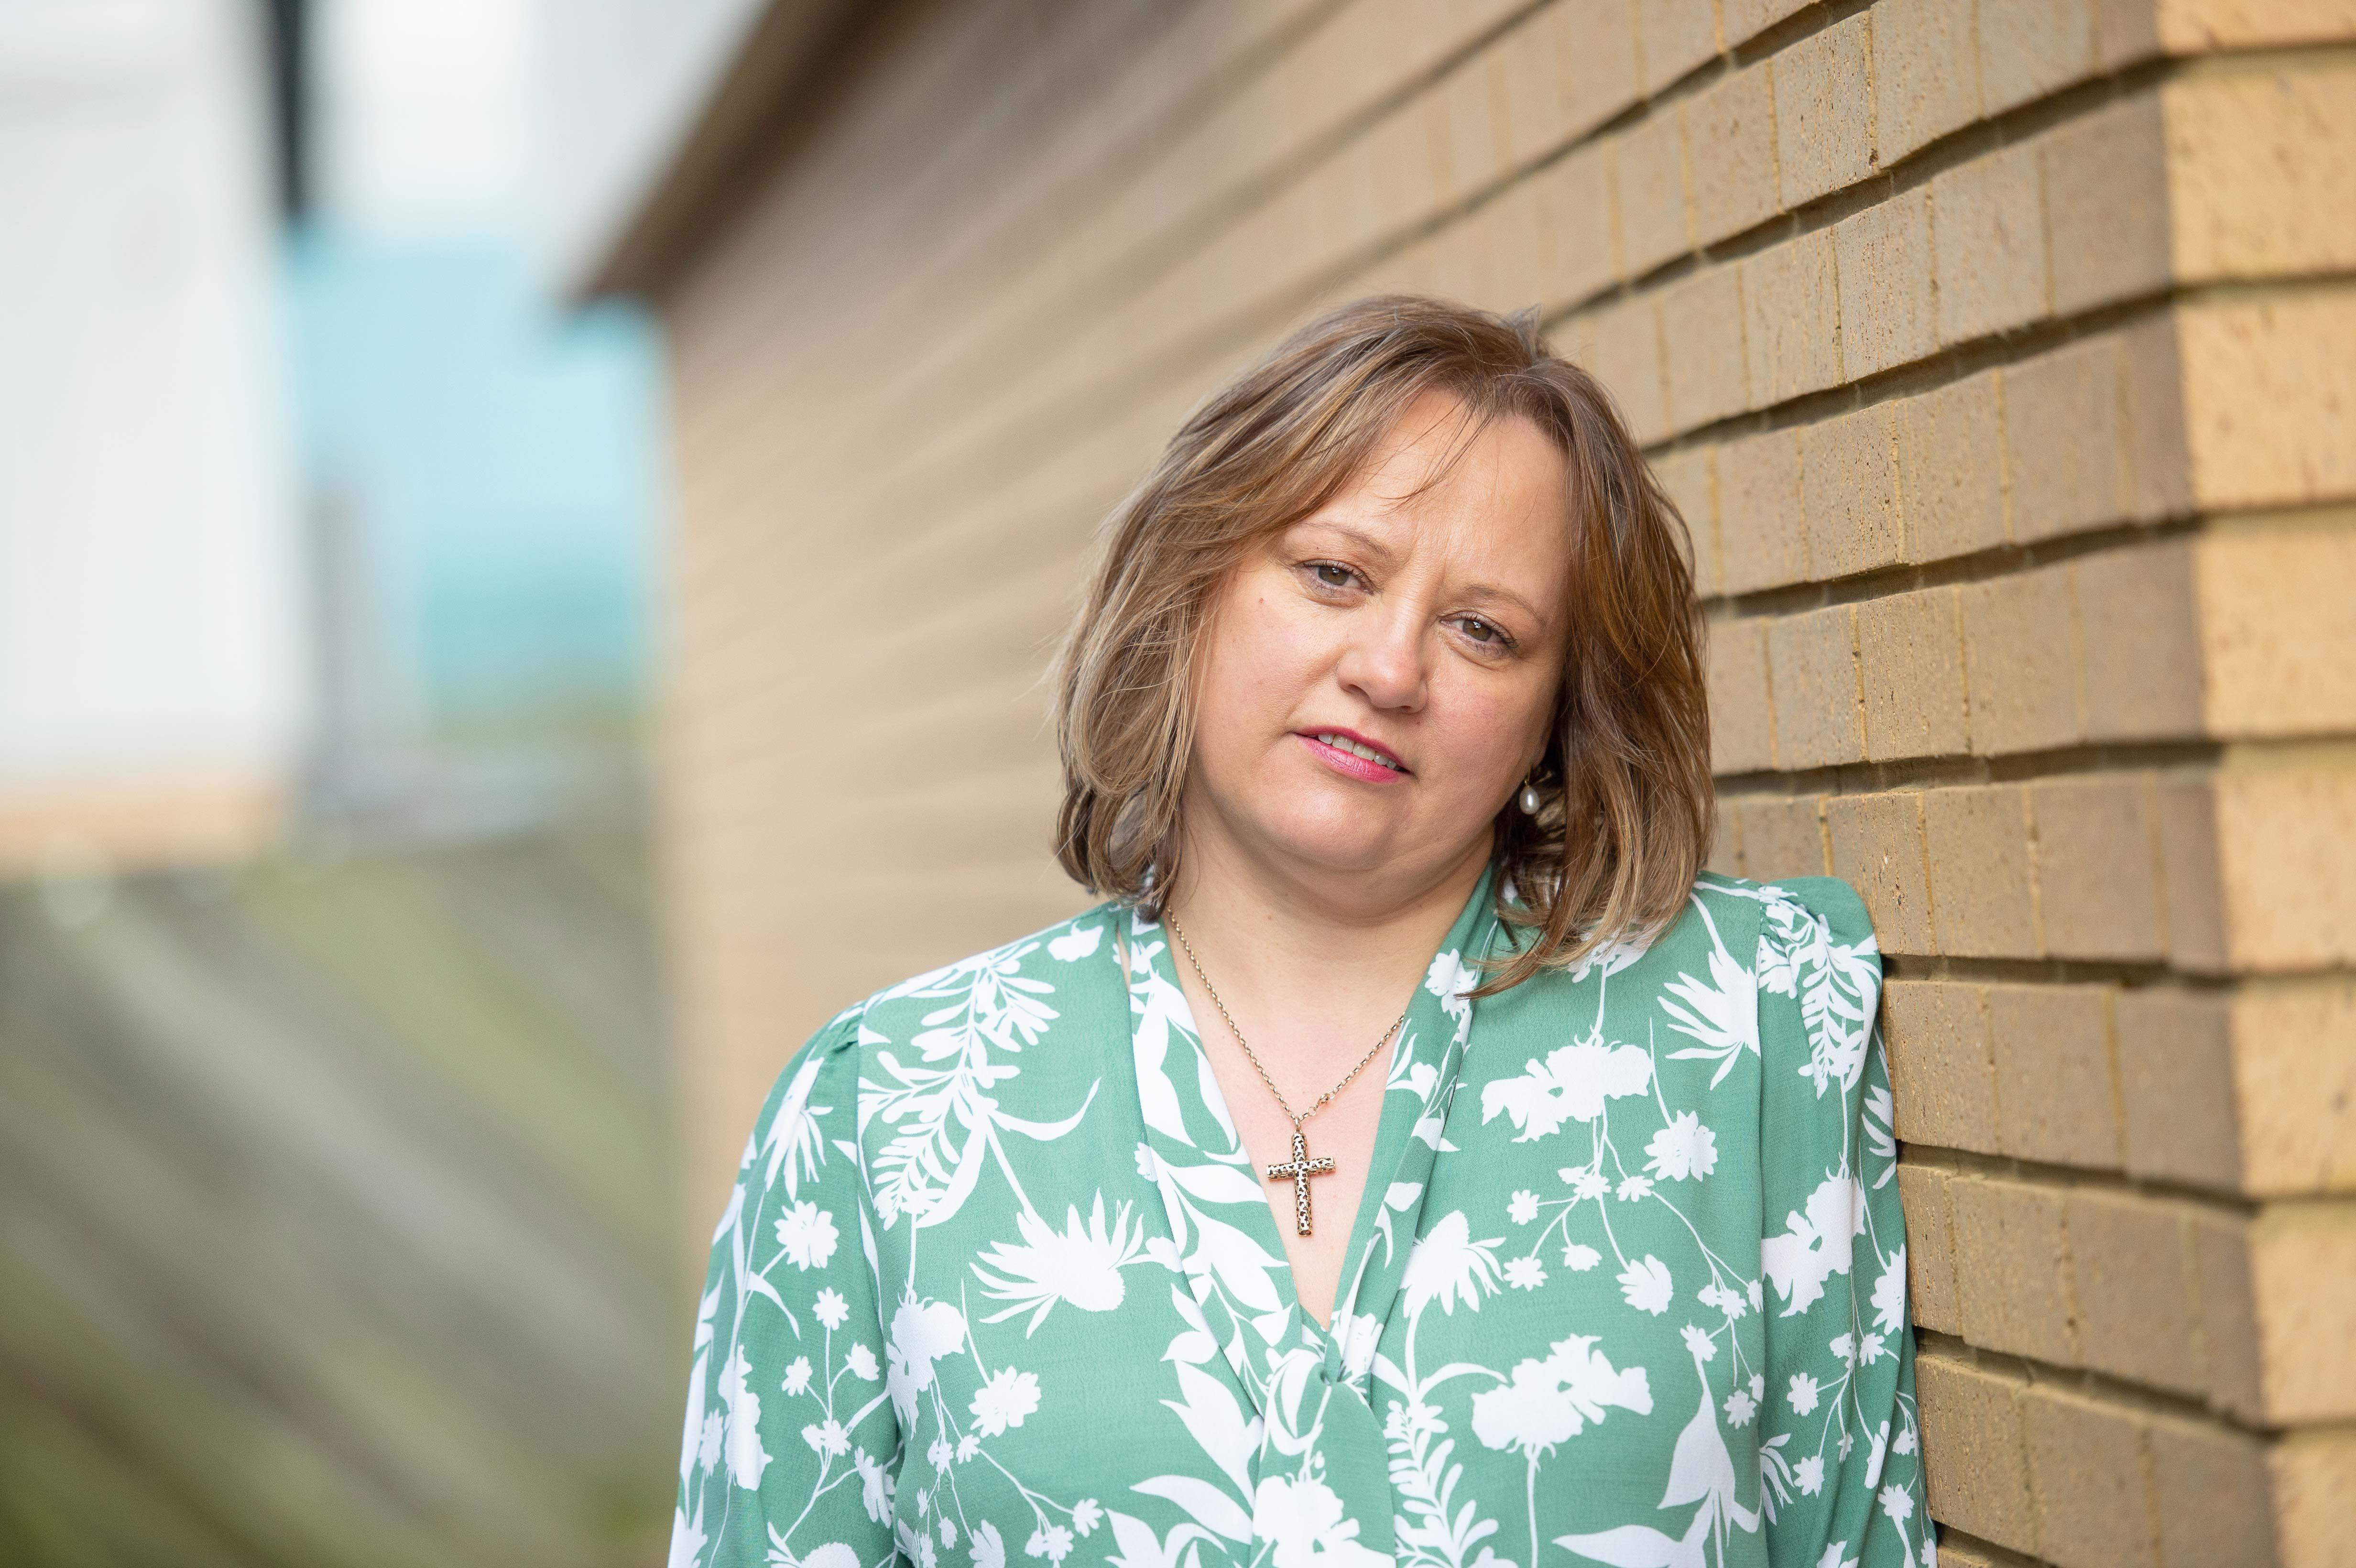 Rachel Kelsall